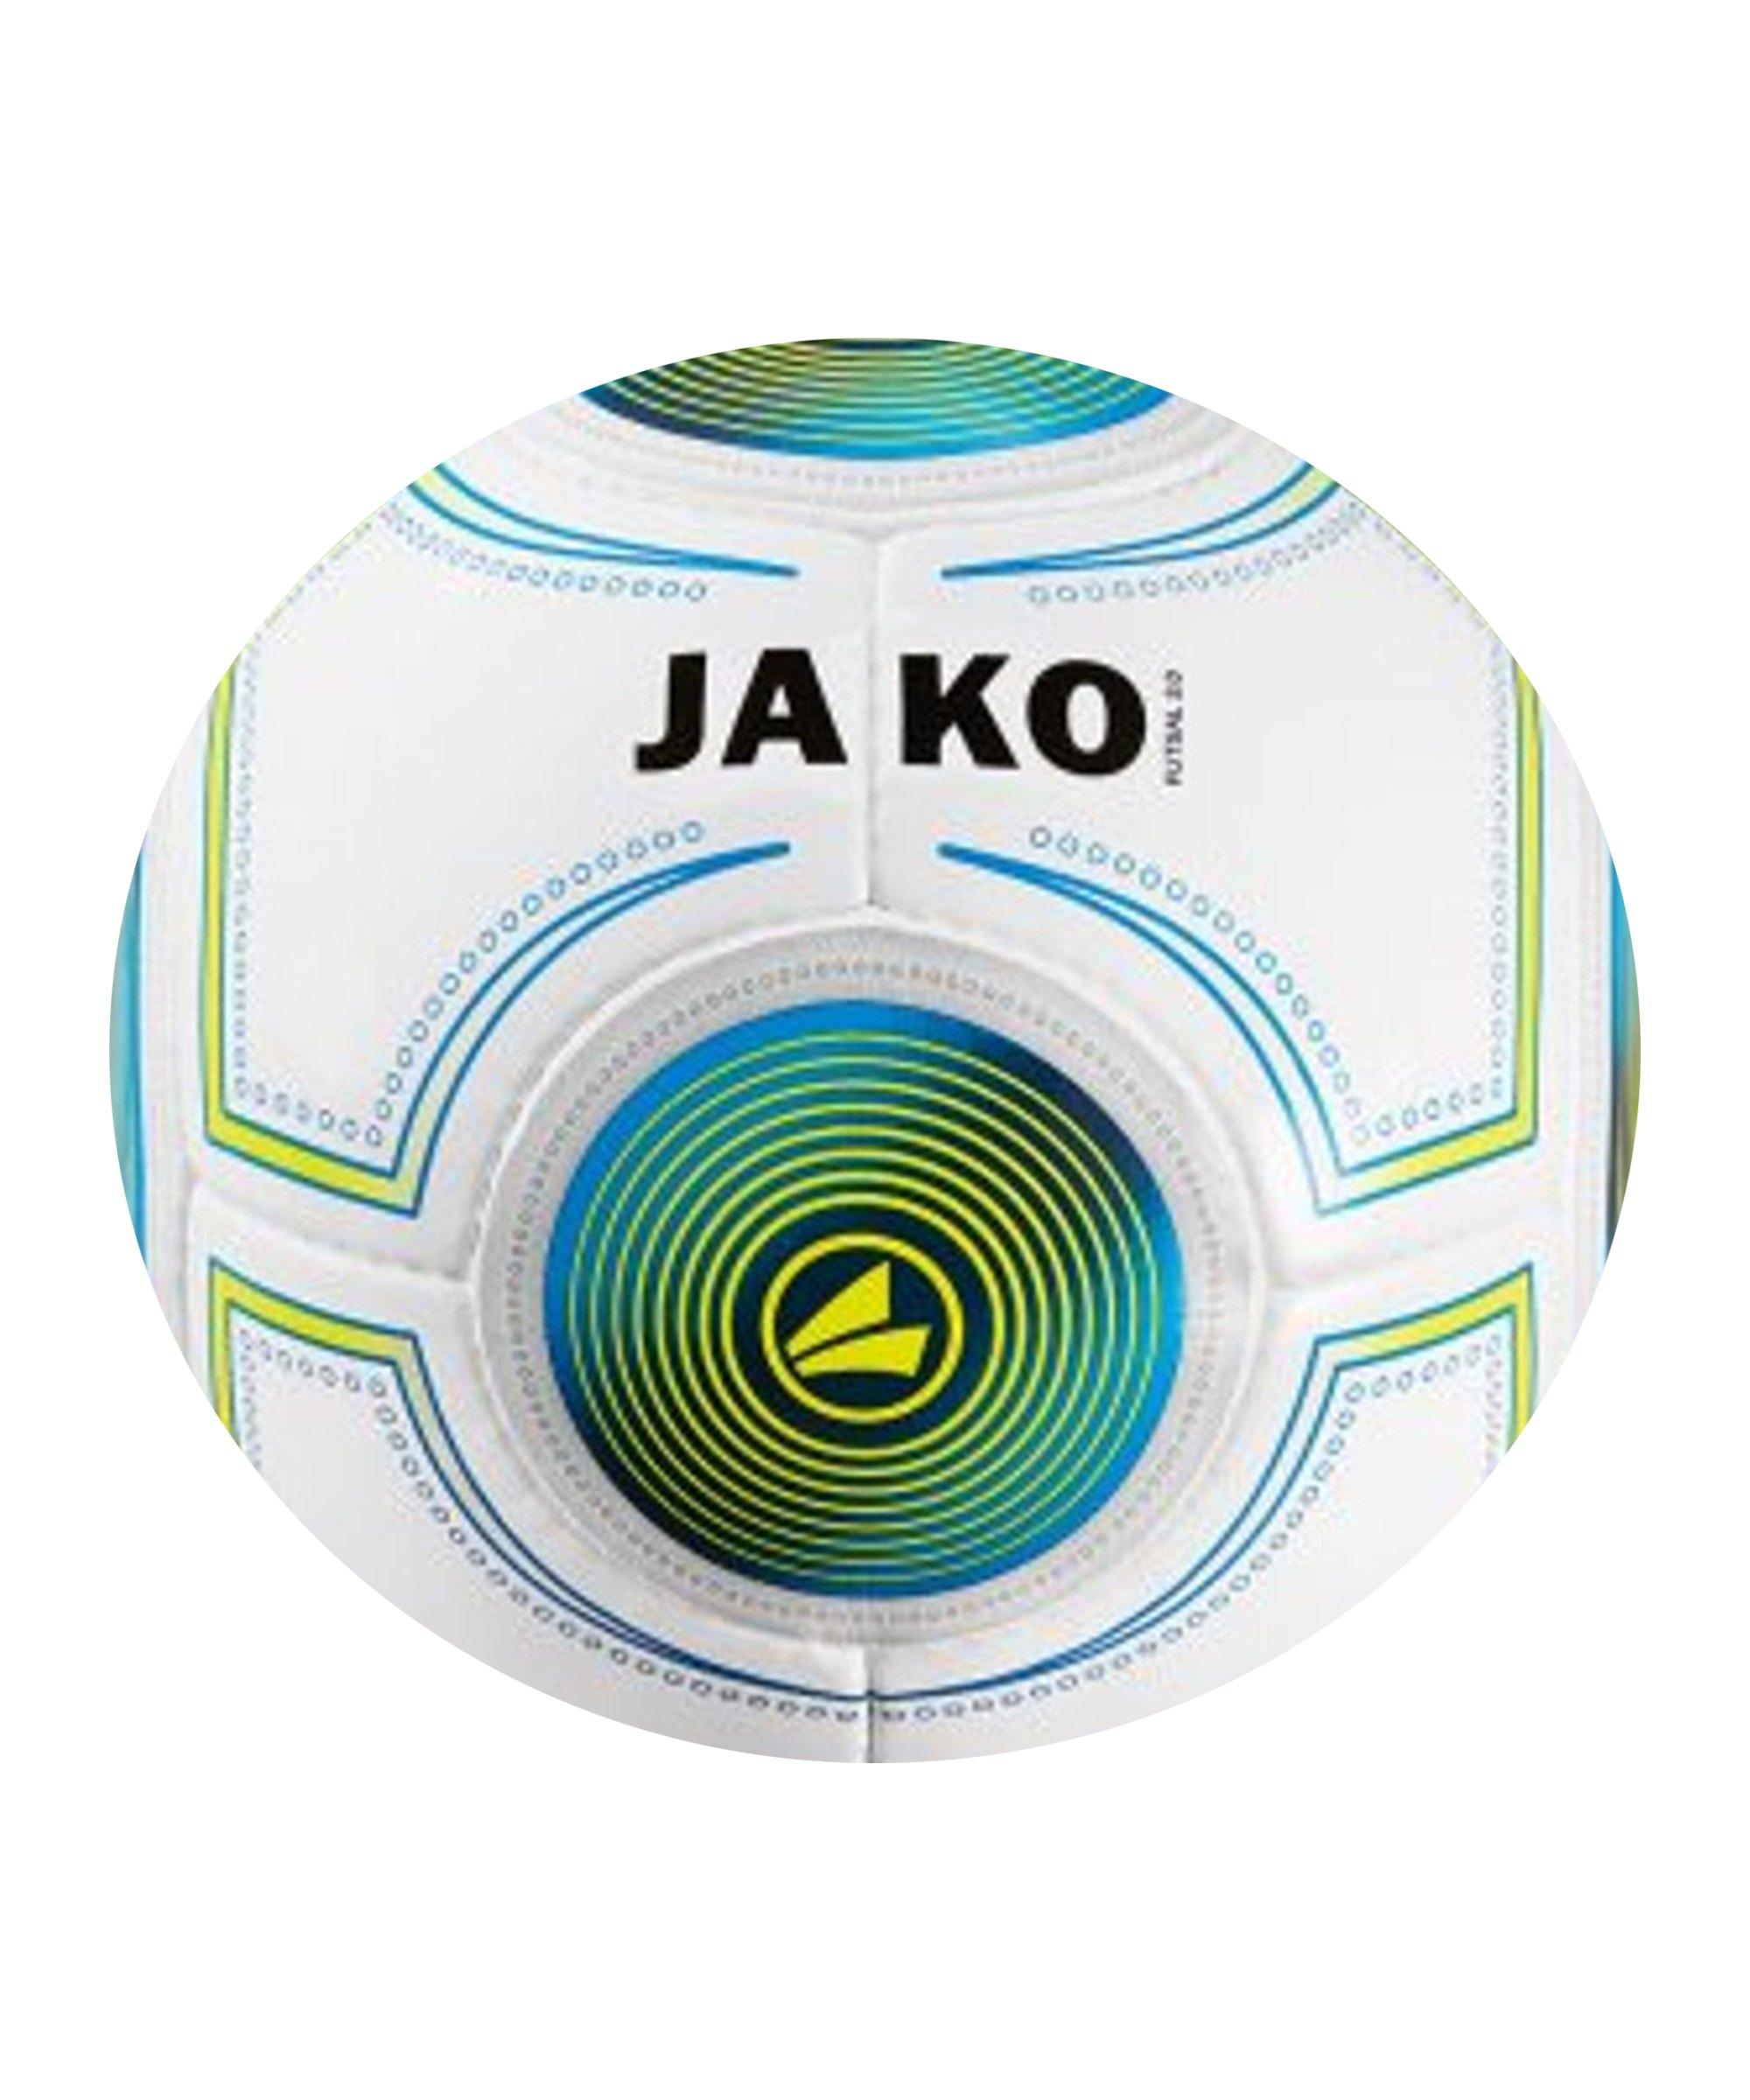 Jako Futsal 3.0 Fussball 420g Weiss Blau F18 - weiss